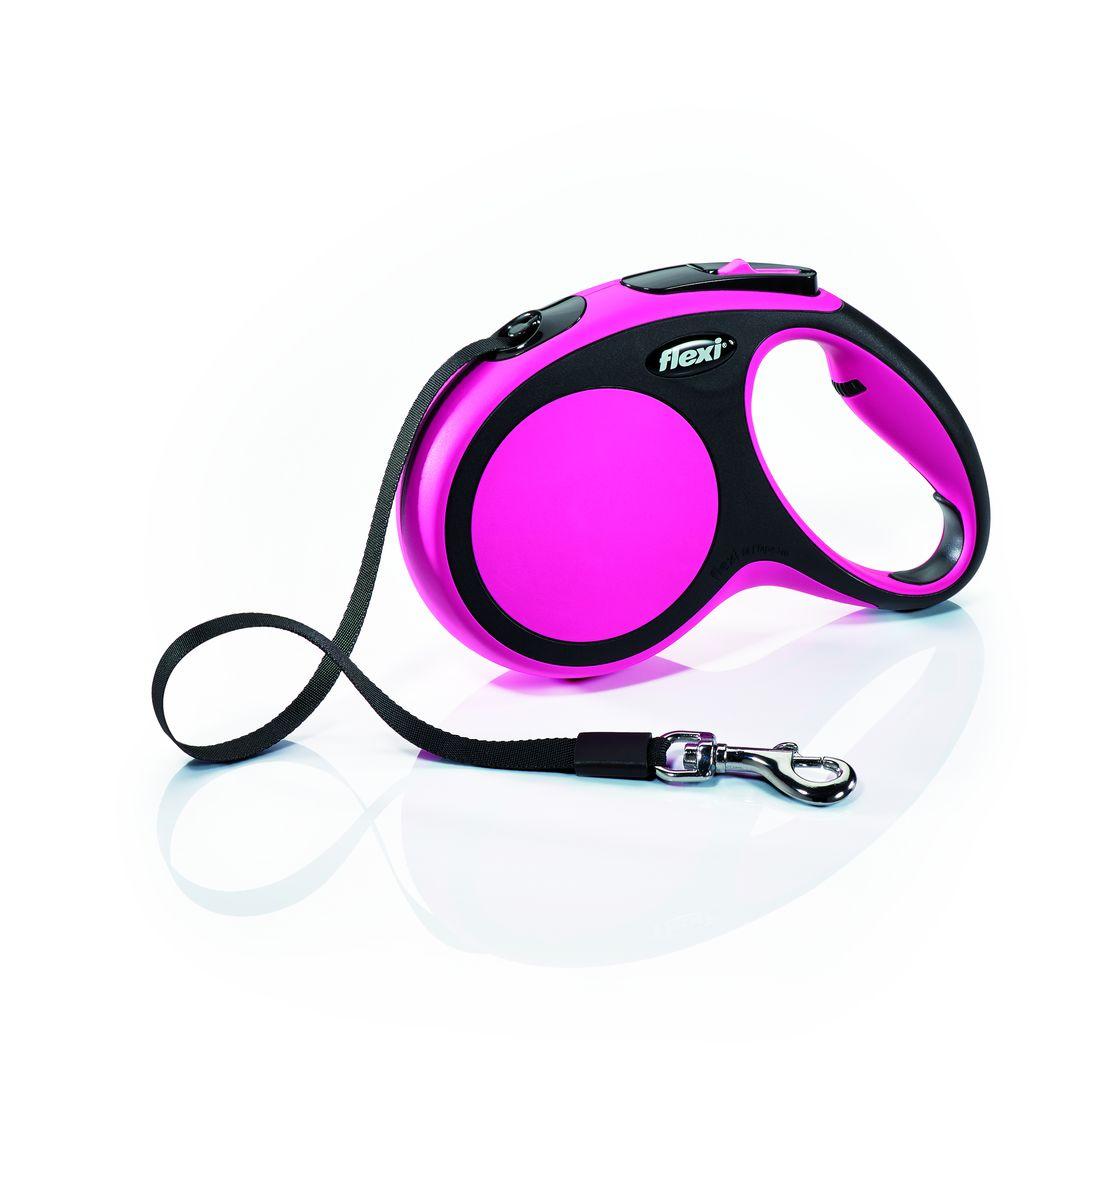 Поводок-рулетка Flexi New Comfort М, лента, для собак весом до 25 кг, цвет: черный, розовый, 5 м28216Ленточный поводок-рулетка обеспечивает собаке свободу движения, что идет на пользу здоровью и радует Вашего четвероногого друга. Рулетка очень проста в использовании. Оснащена кнопками кратковременной и постоянной фиксации. Рулетку можно оснастить - мультибоксом для лакомств или пакетиков для сбора фекалий, LED подсветкой корпуса. Прочный корпус, хромированная застежка и светоотражающие элементы. Лента поводка автоматически сматывается и поводок в процессе использования не провисает, не касается грунта и таким образом не пачкается и не перетирается. Поводок не нужно подбирать руками когда питомец подошел ближе, таким образом Ваши руки всегда чистые. На рукоятке имеется колесико позволяющее адаптировать размер рукоятки под размер руки Максимальный вес питомца: 25 кг Длина: 5 м